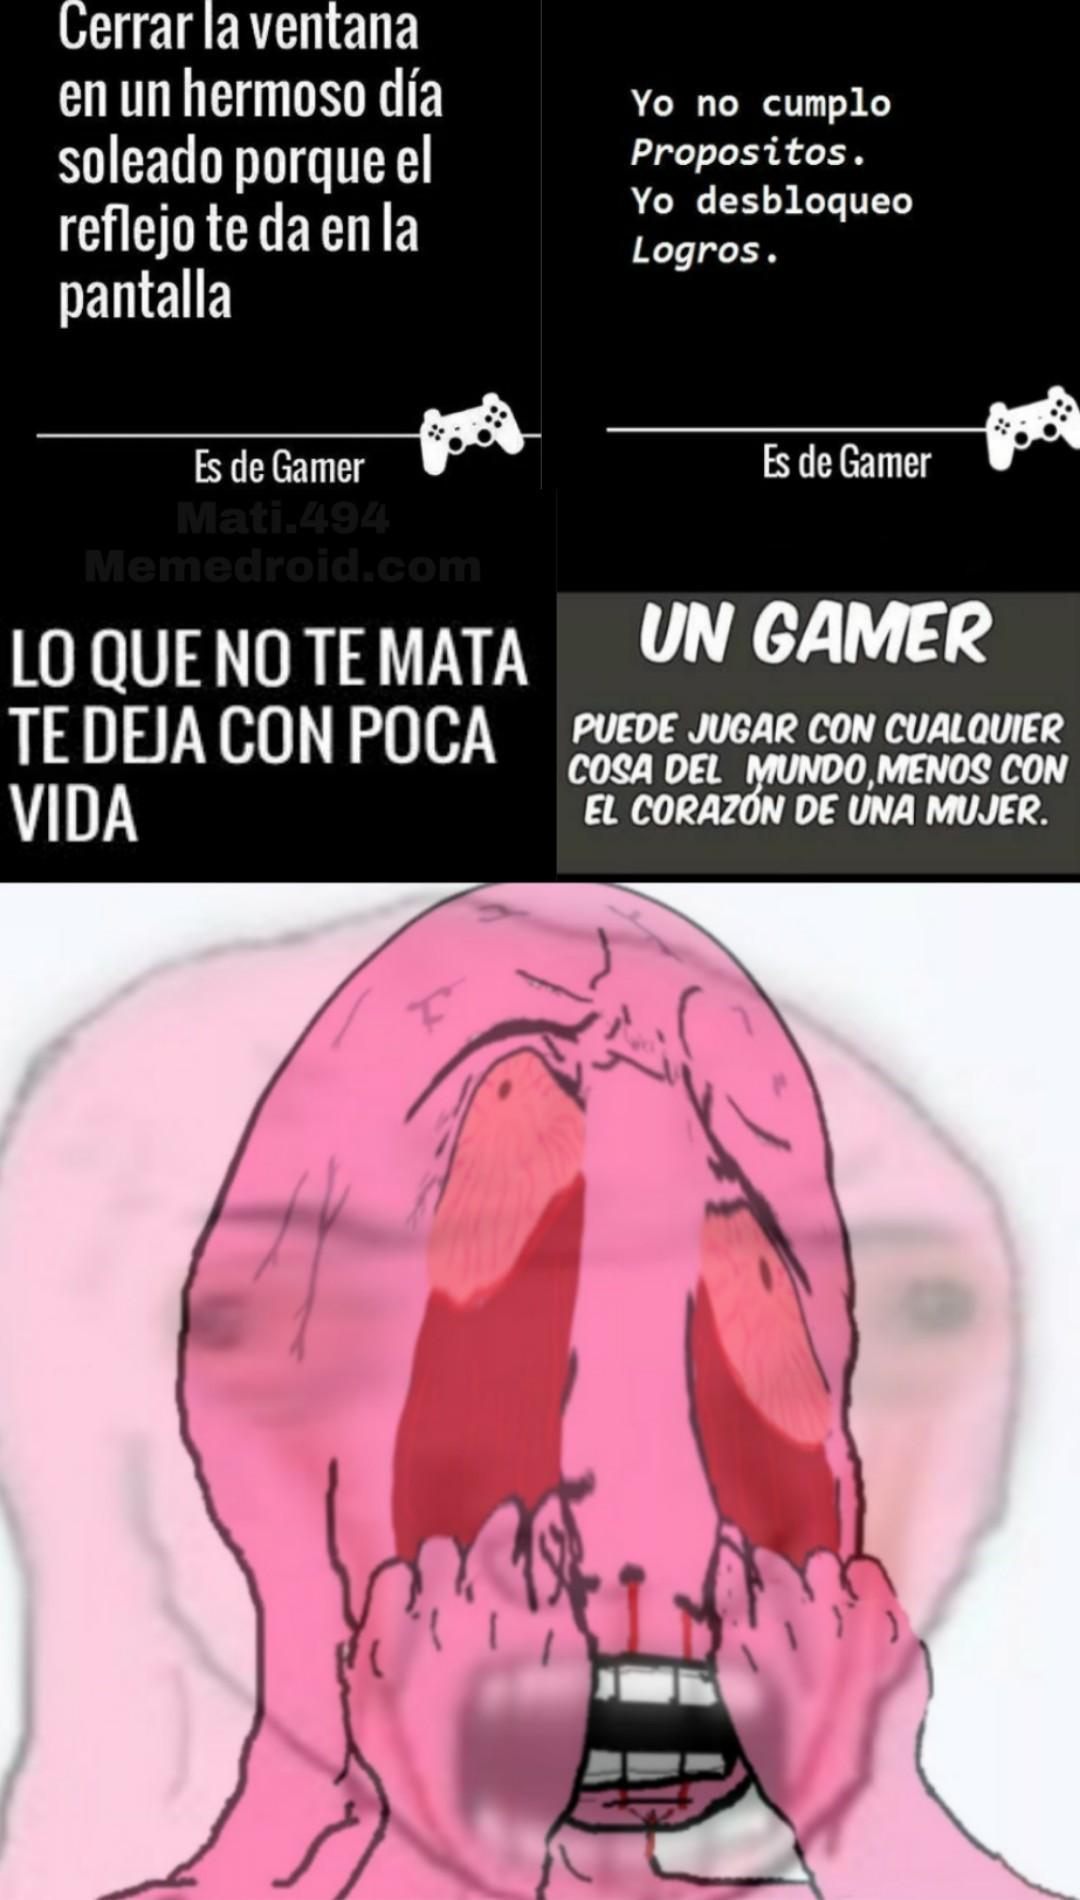 Tipos de gamer: El que se enoja - meme